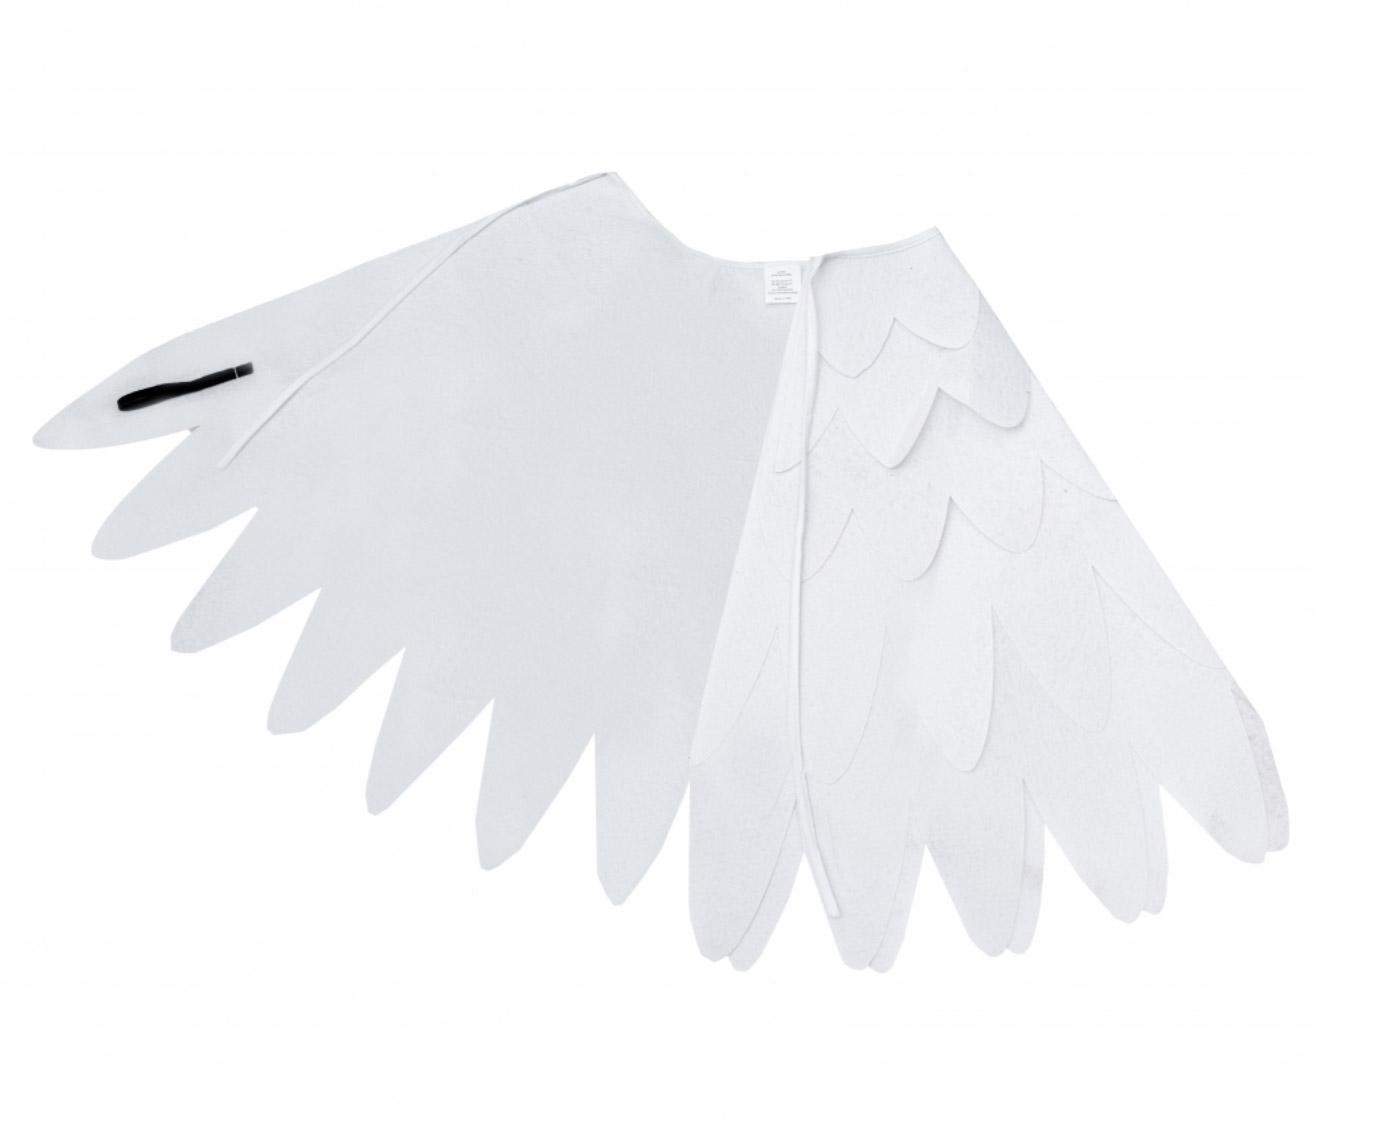 Vleugels 'Vilt Wit' kleur